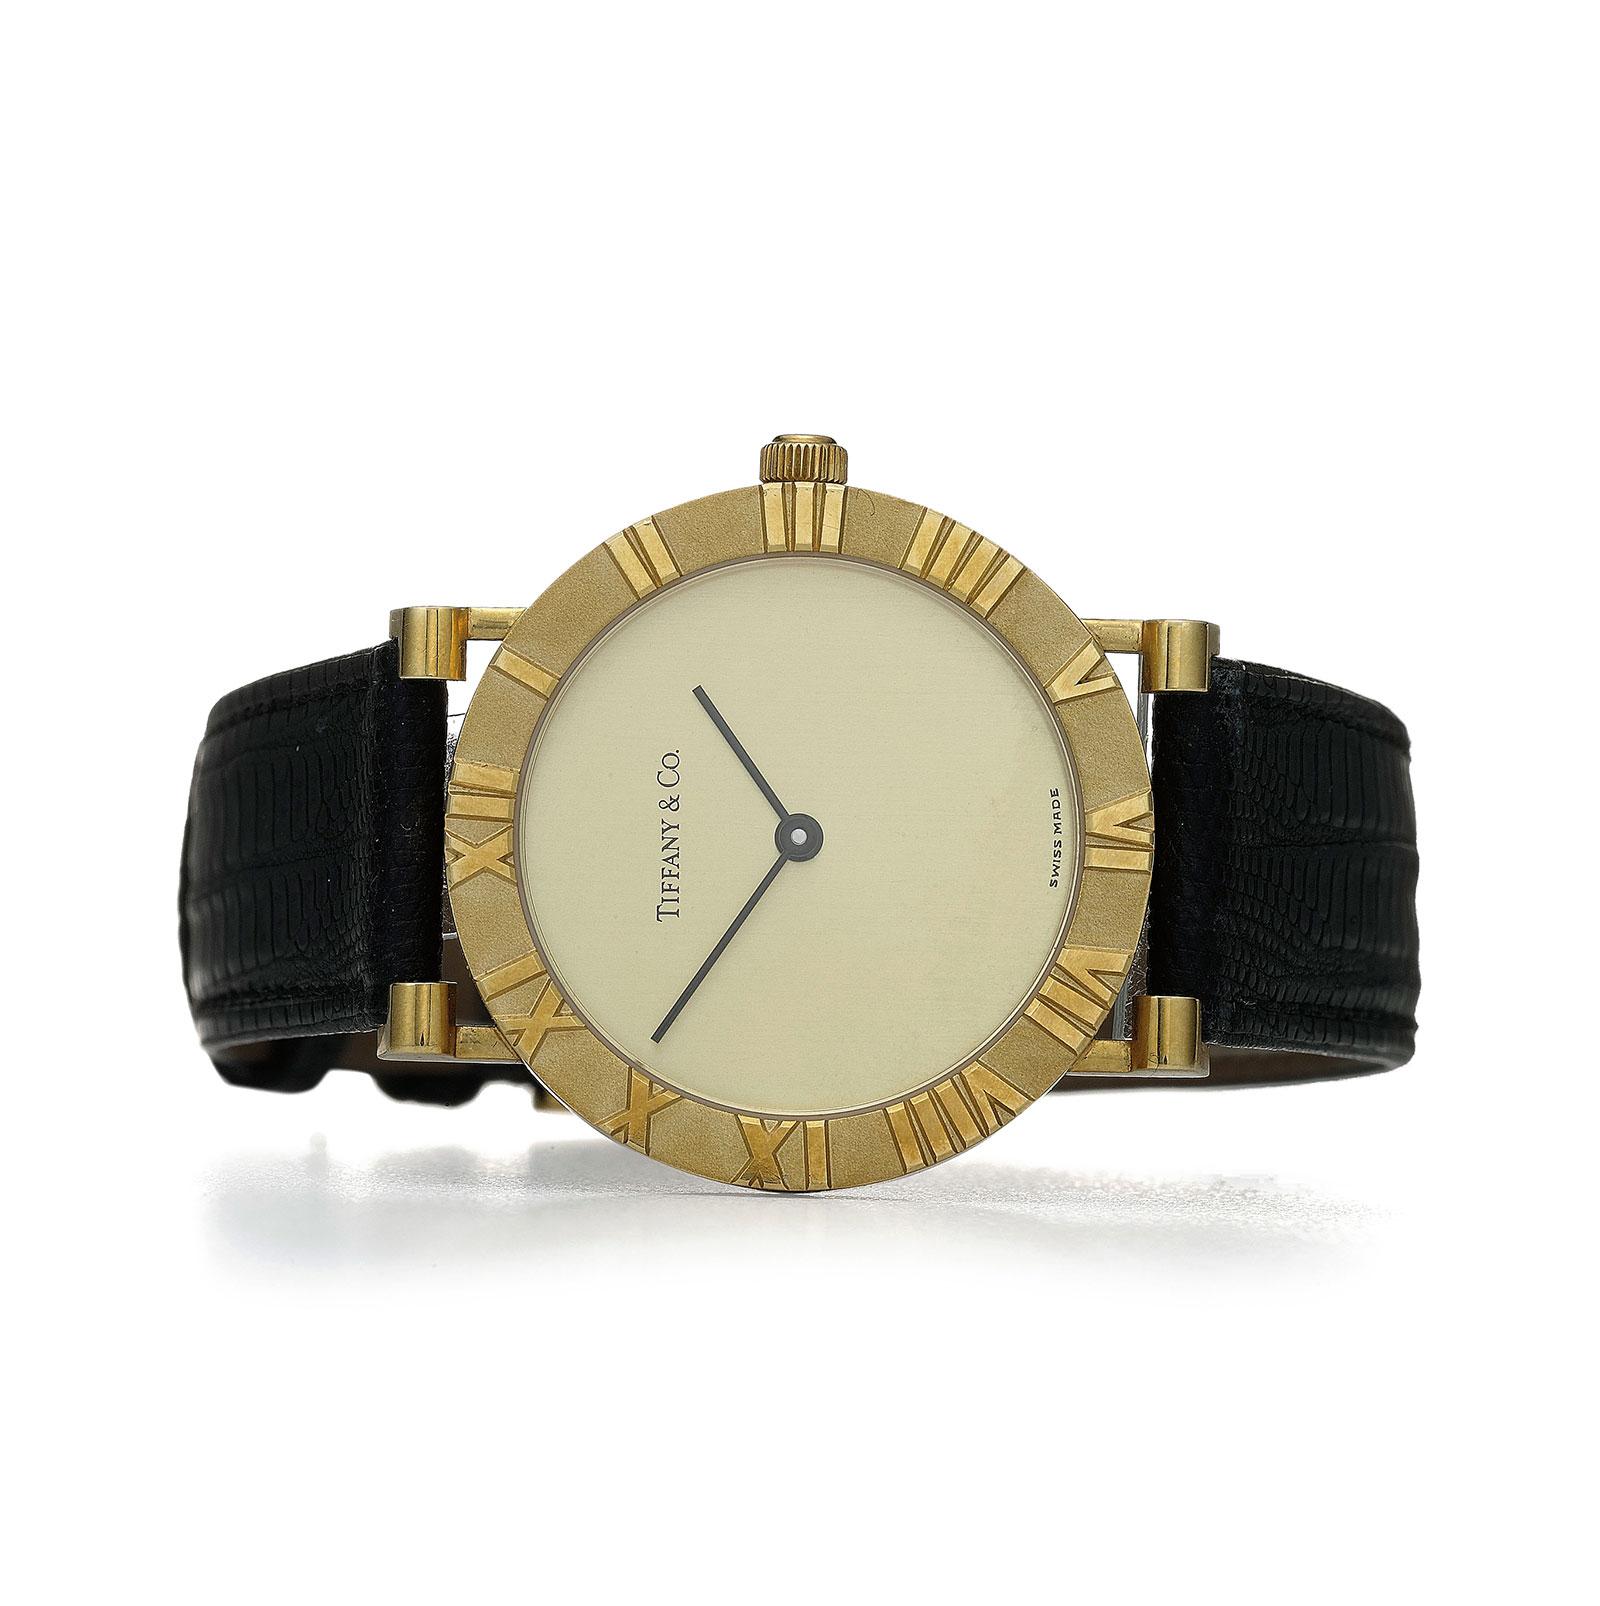 Tiffany & Co. Atlas watch original